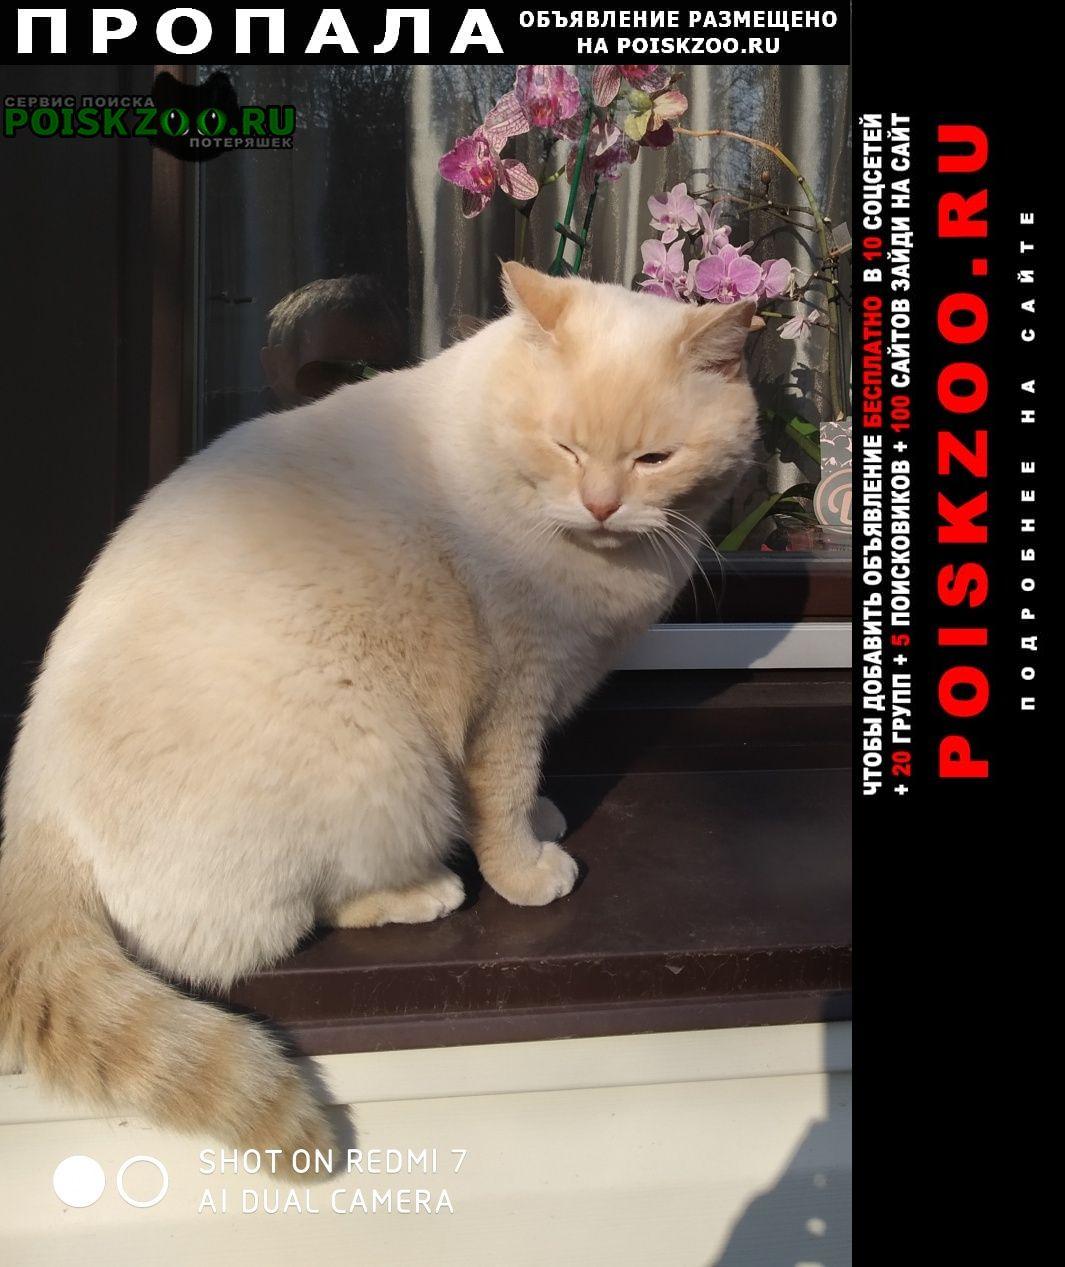 Пропал кот британской породы беляш Воронеж